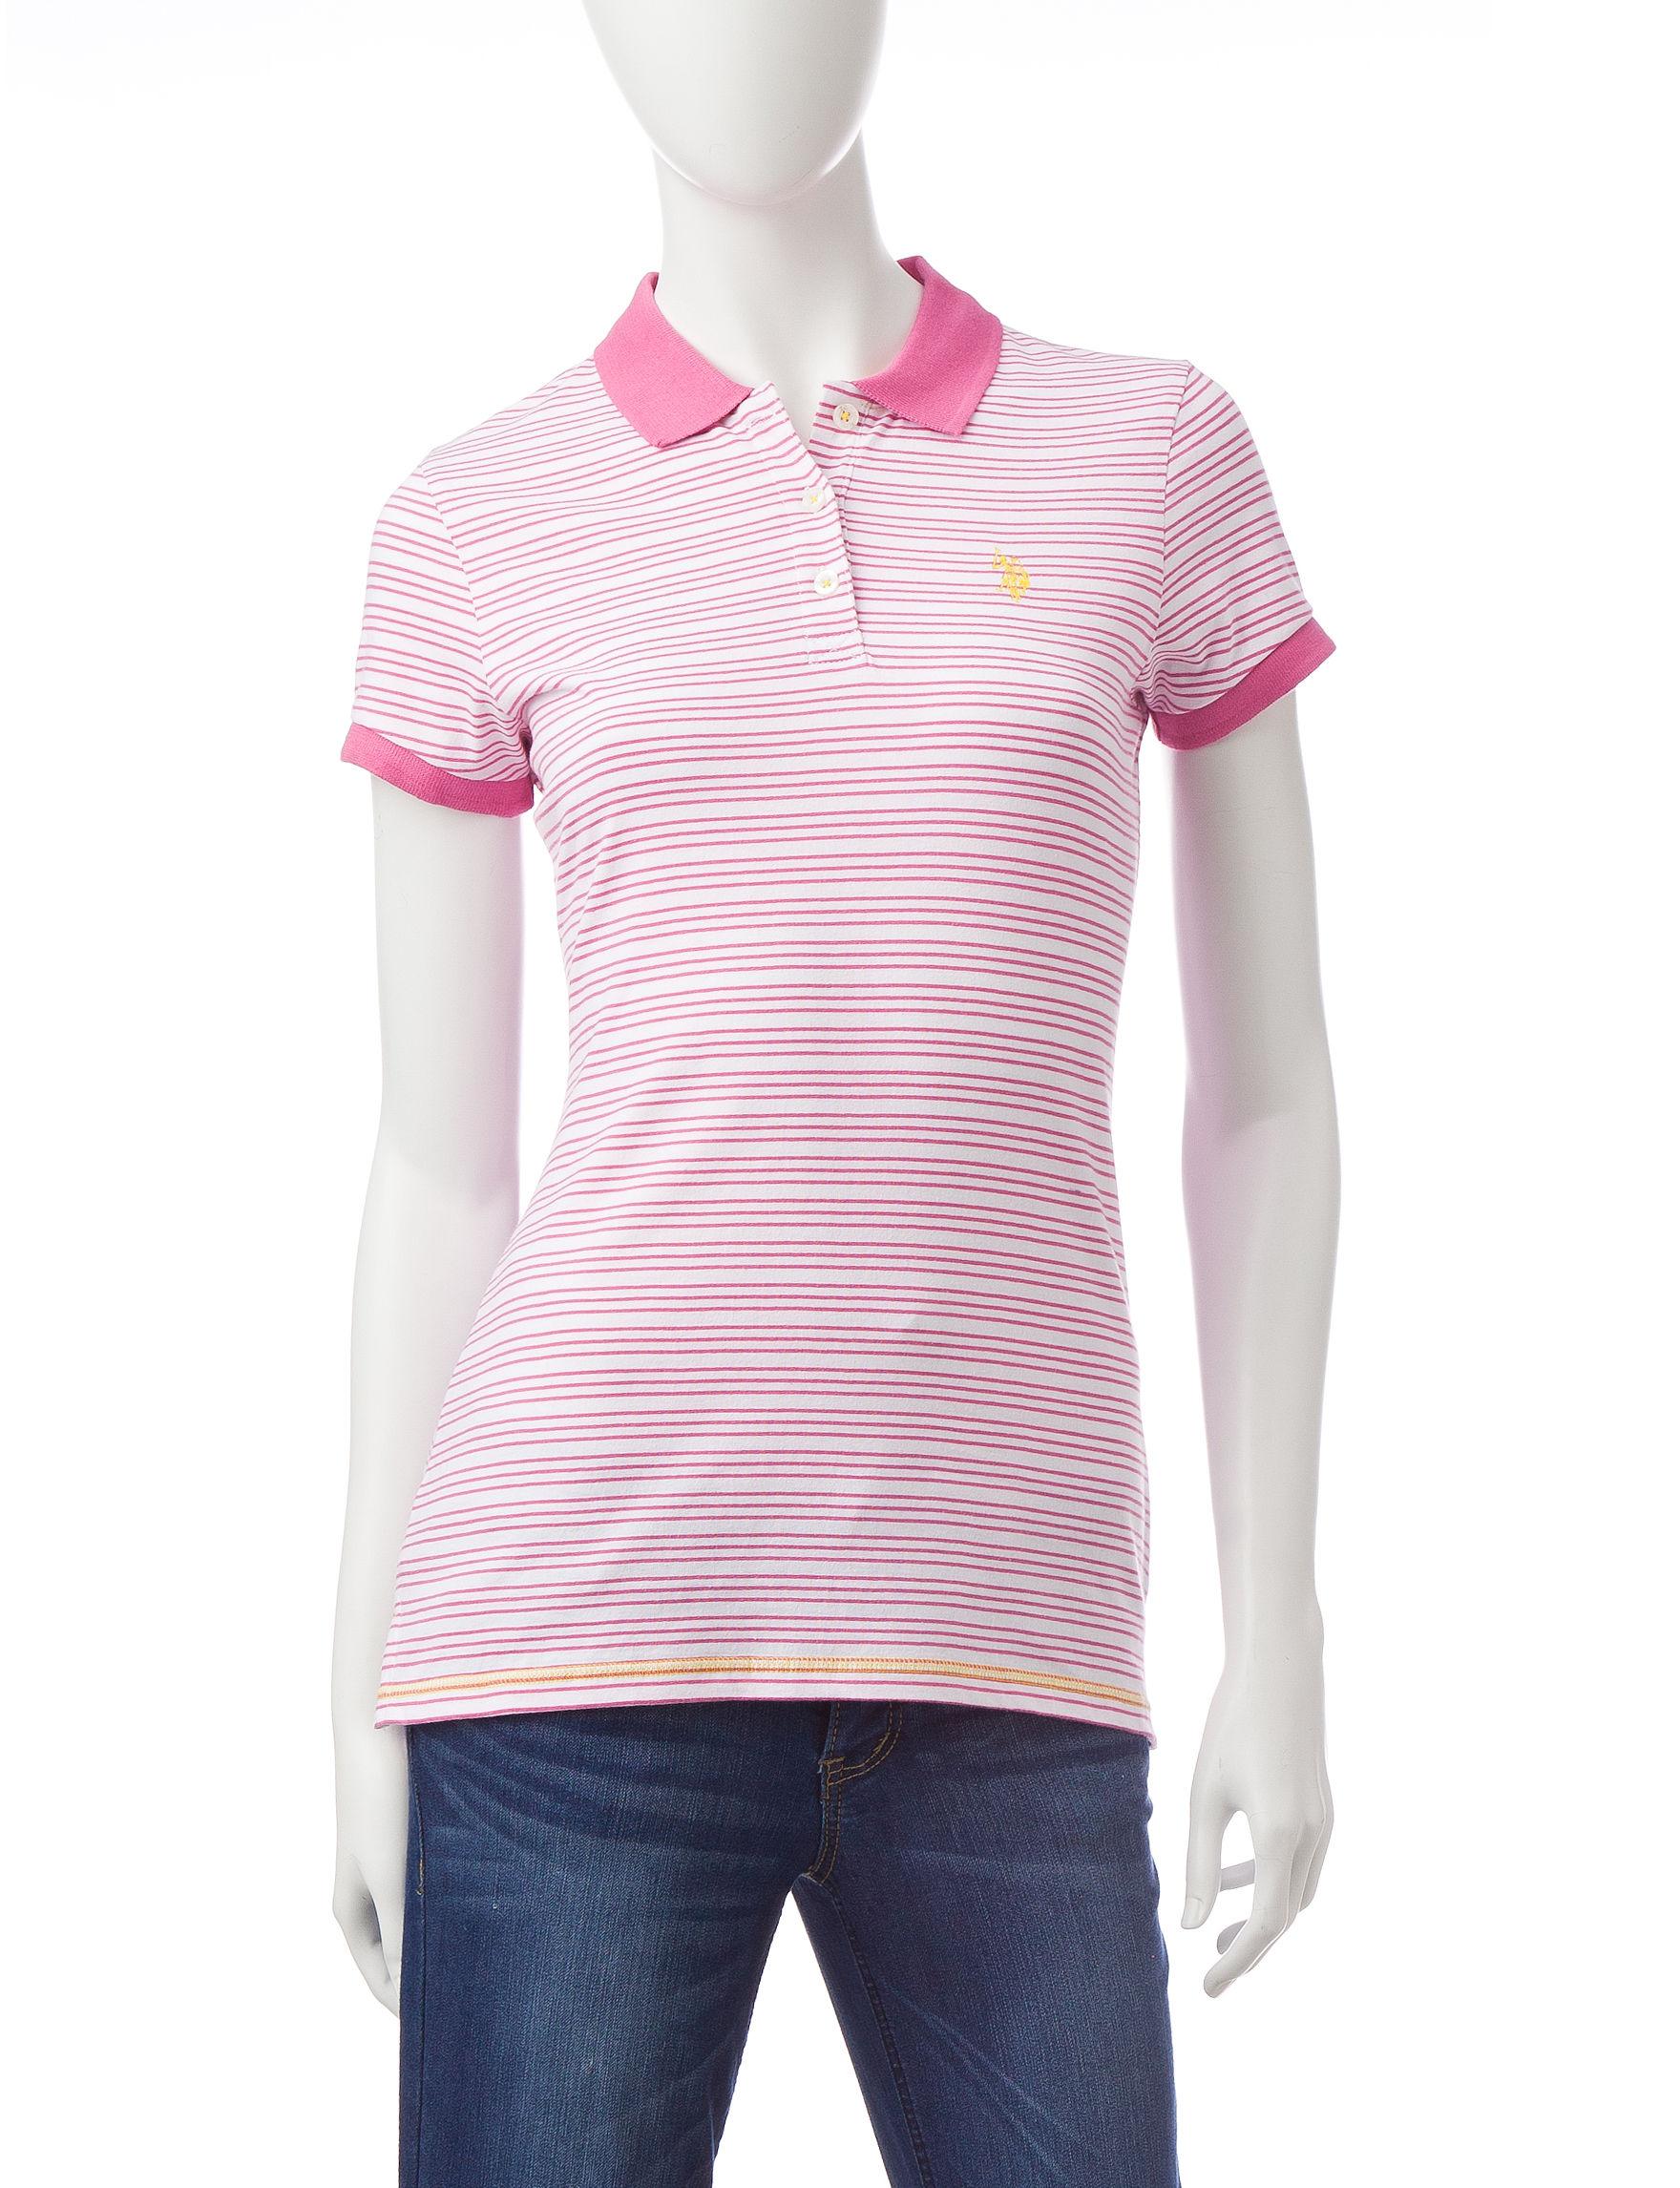 U.S. Polo Assn. Medium Pink Shirts & Blouses